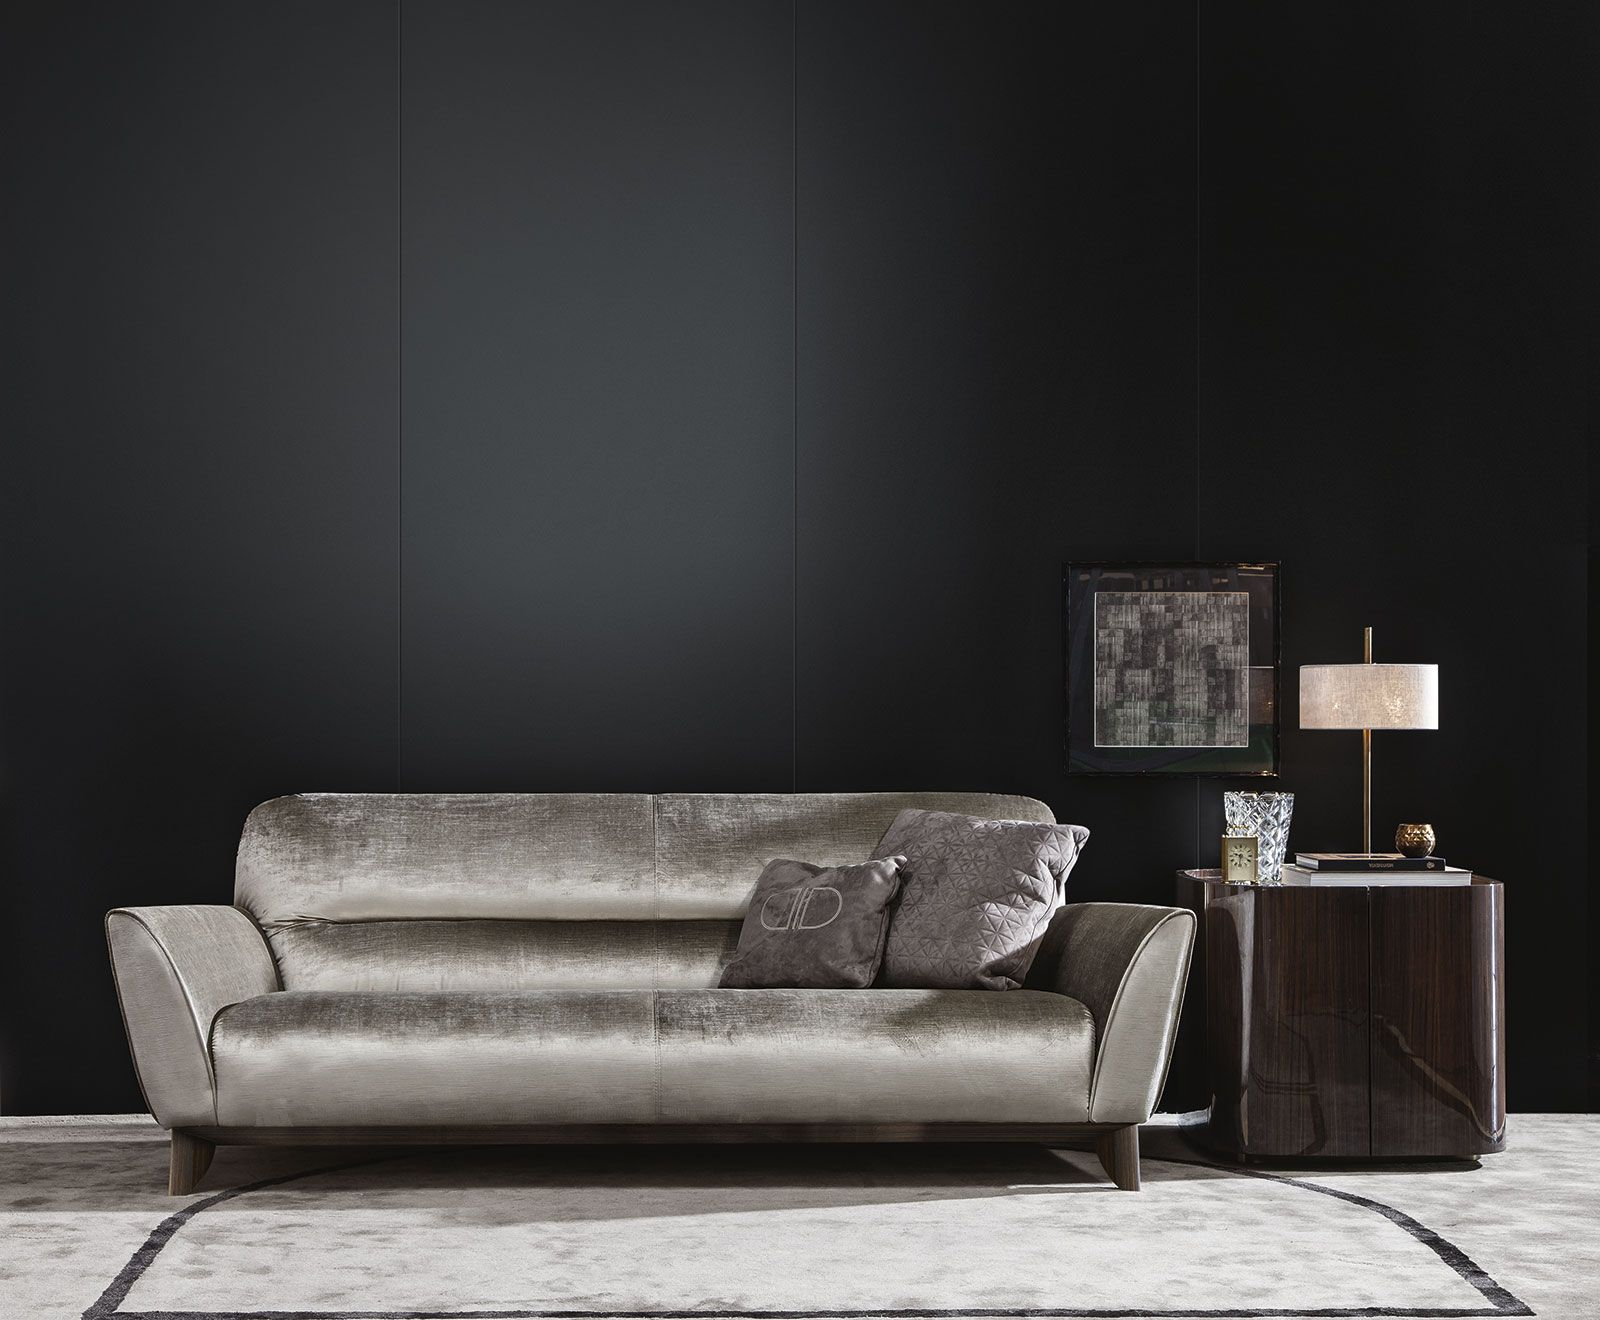 Lusso Mobili ~ Daytona arredamento contemporaneo moderno di lusso e mobili stile